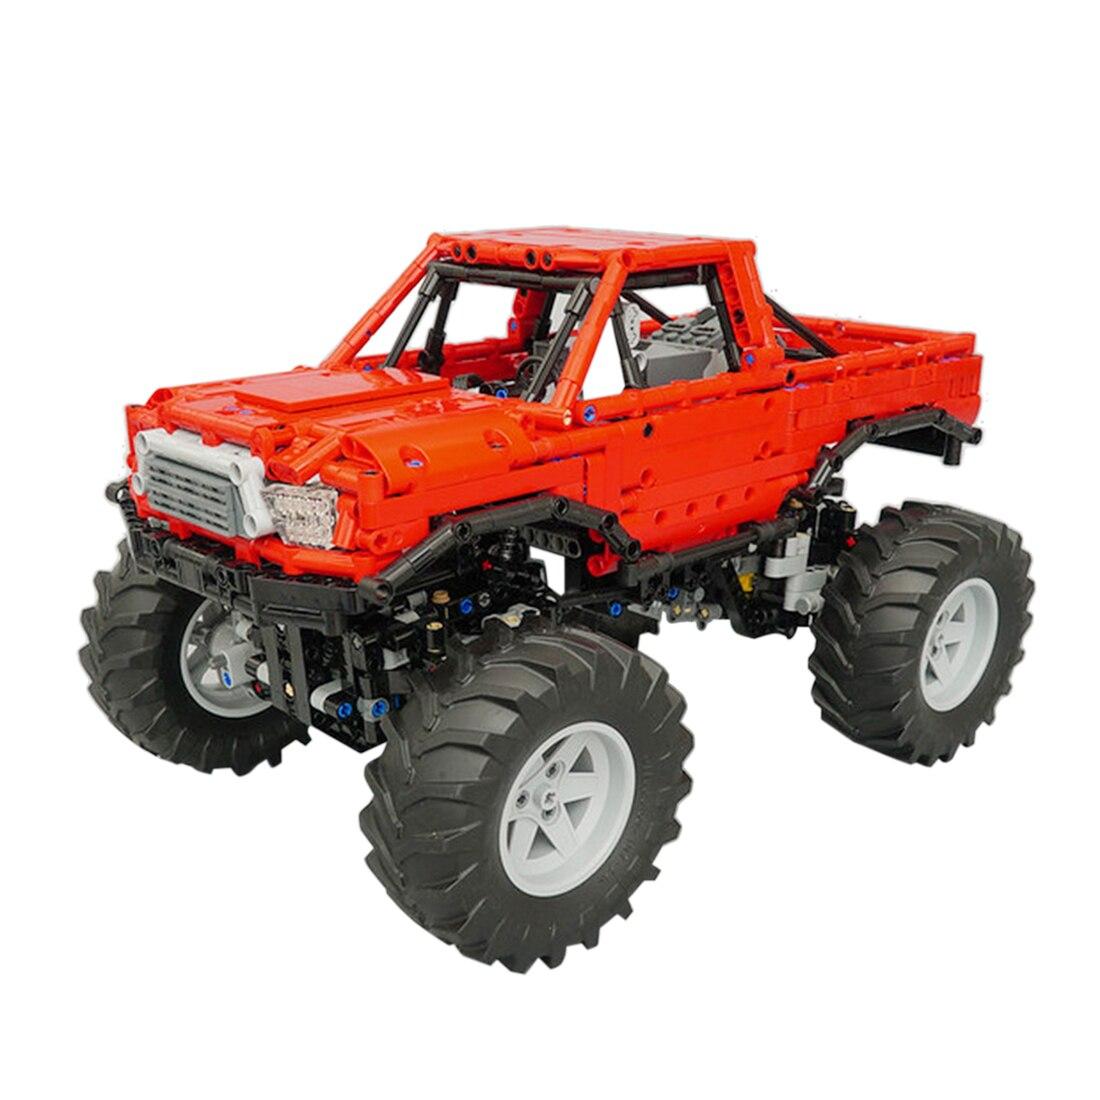 1660 pçs moc estático bigfoot escalada fora de estrada modelo de carro pequenos blocos de construção de partículas conjunto de brinquedos educativos